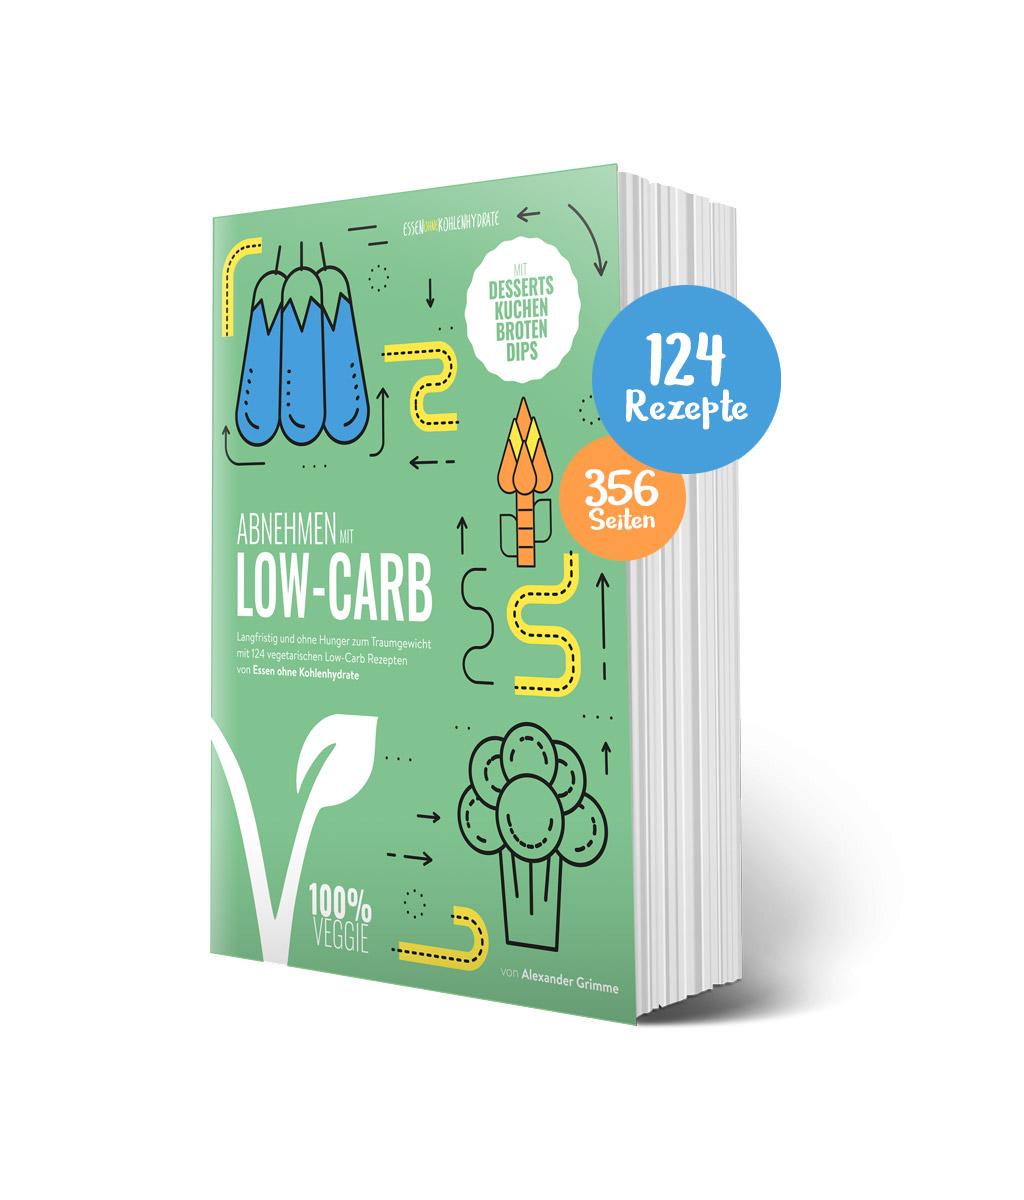 Abnehmen mit Low-Carb Vegetarisch